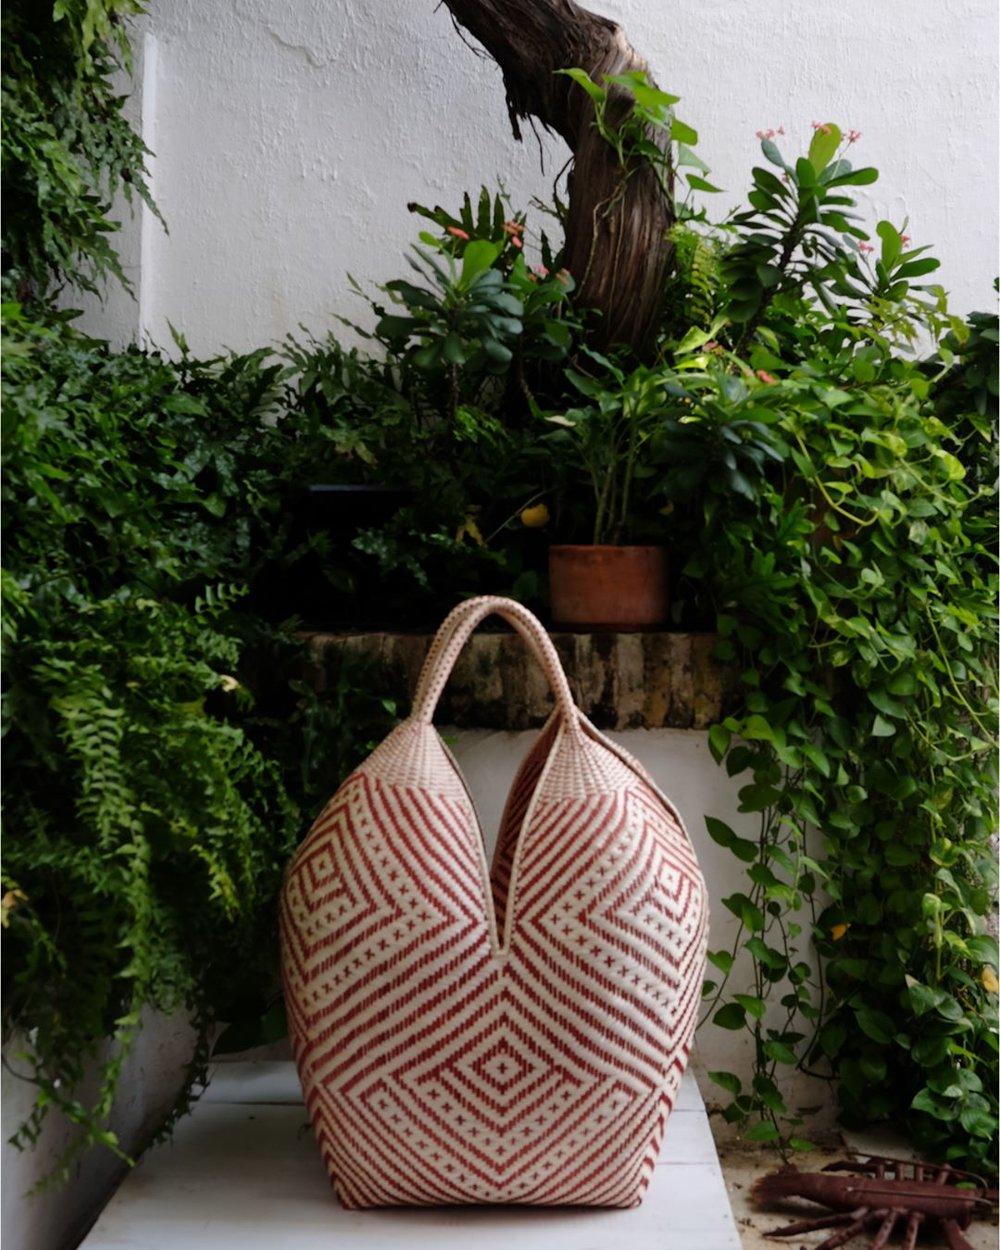 magda made cuatro tetas bag colombia.jpg